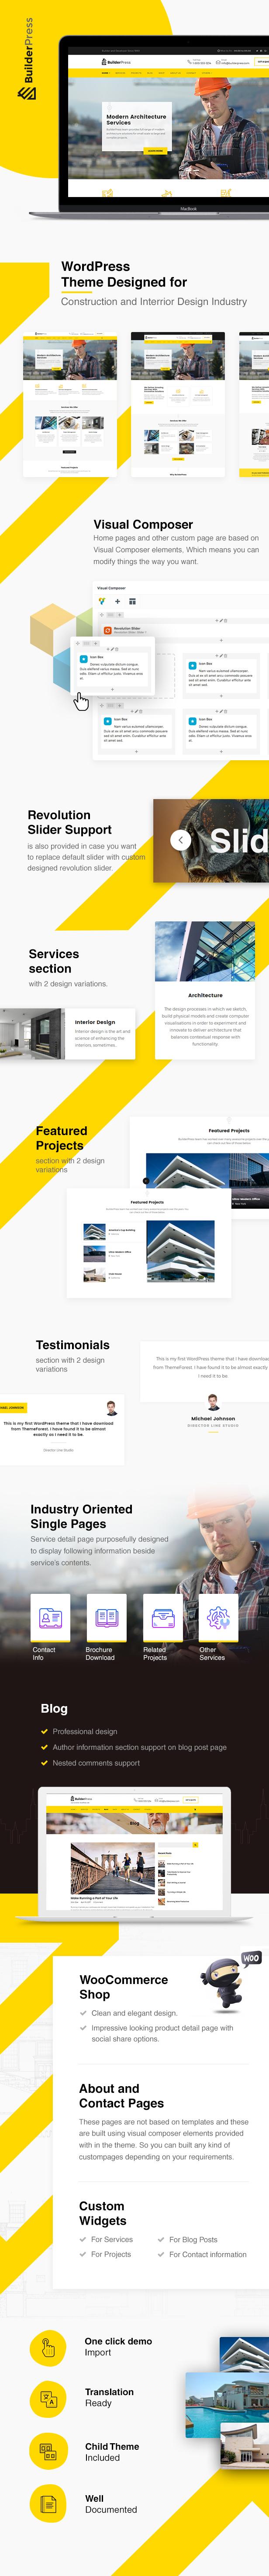 BuilderPress Features